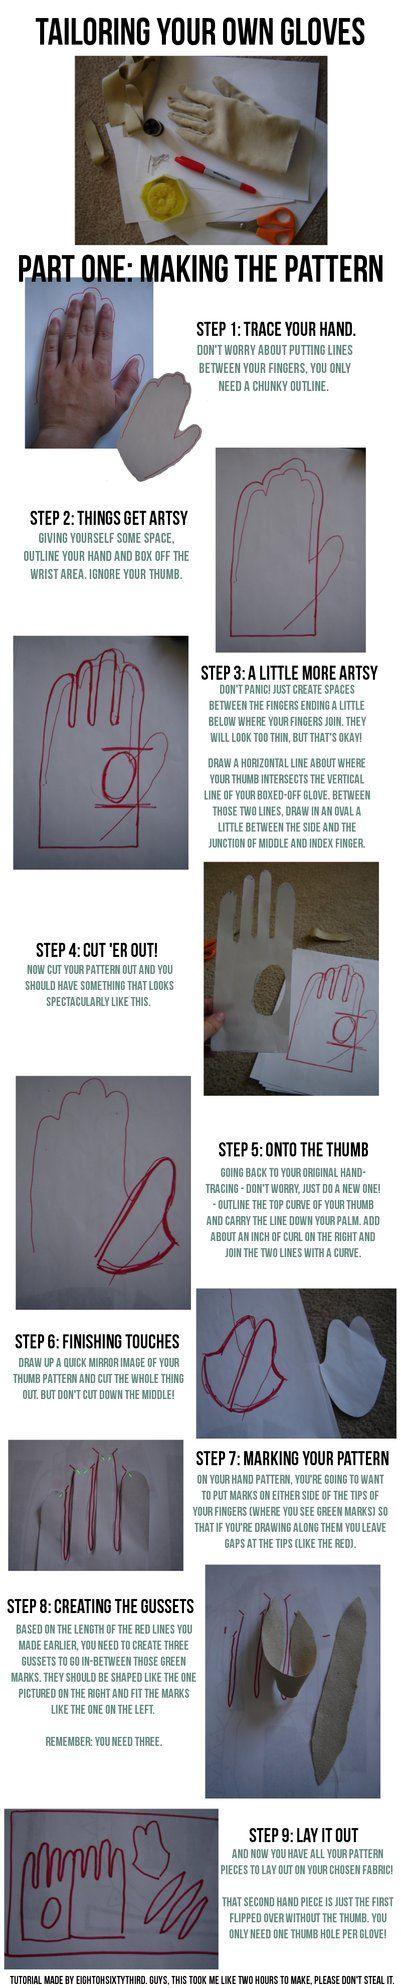 Box of leather work gloves - Gloves Tutorial Part I Making A Pattern By Eightohsixtythird On Deviantart